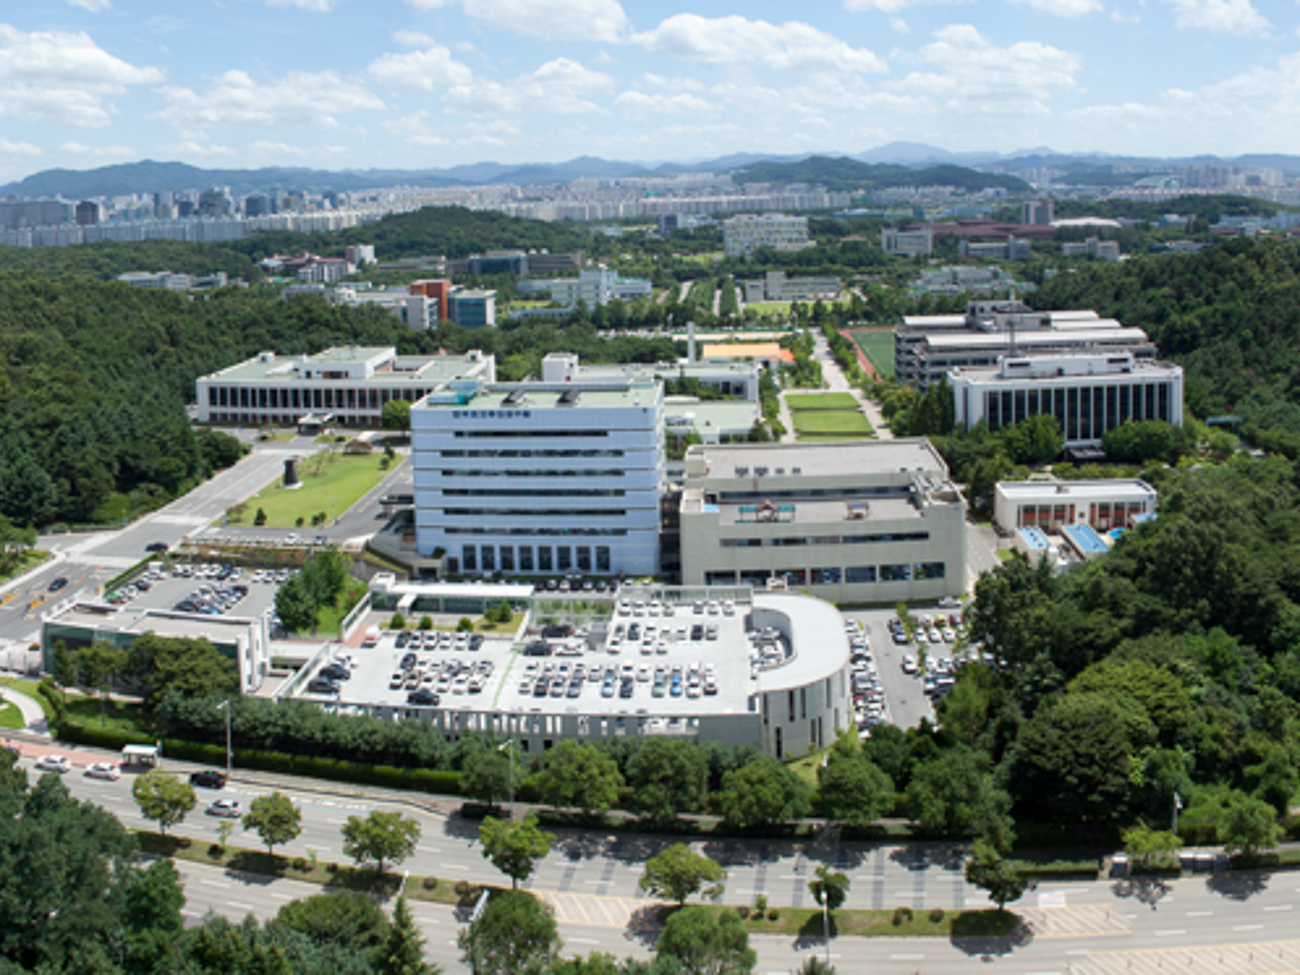 ETRI Campus Aerial Panorama